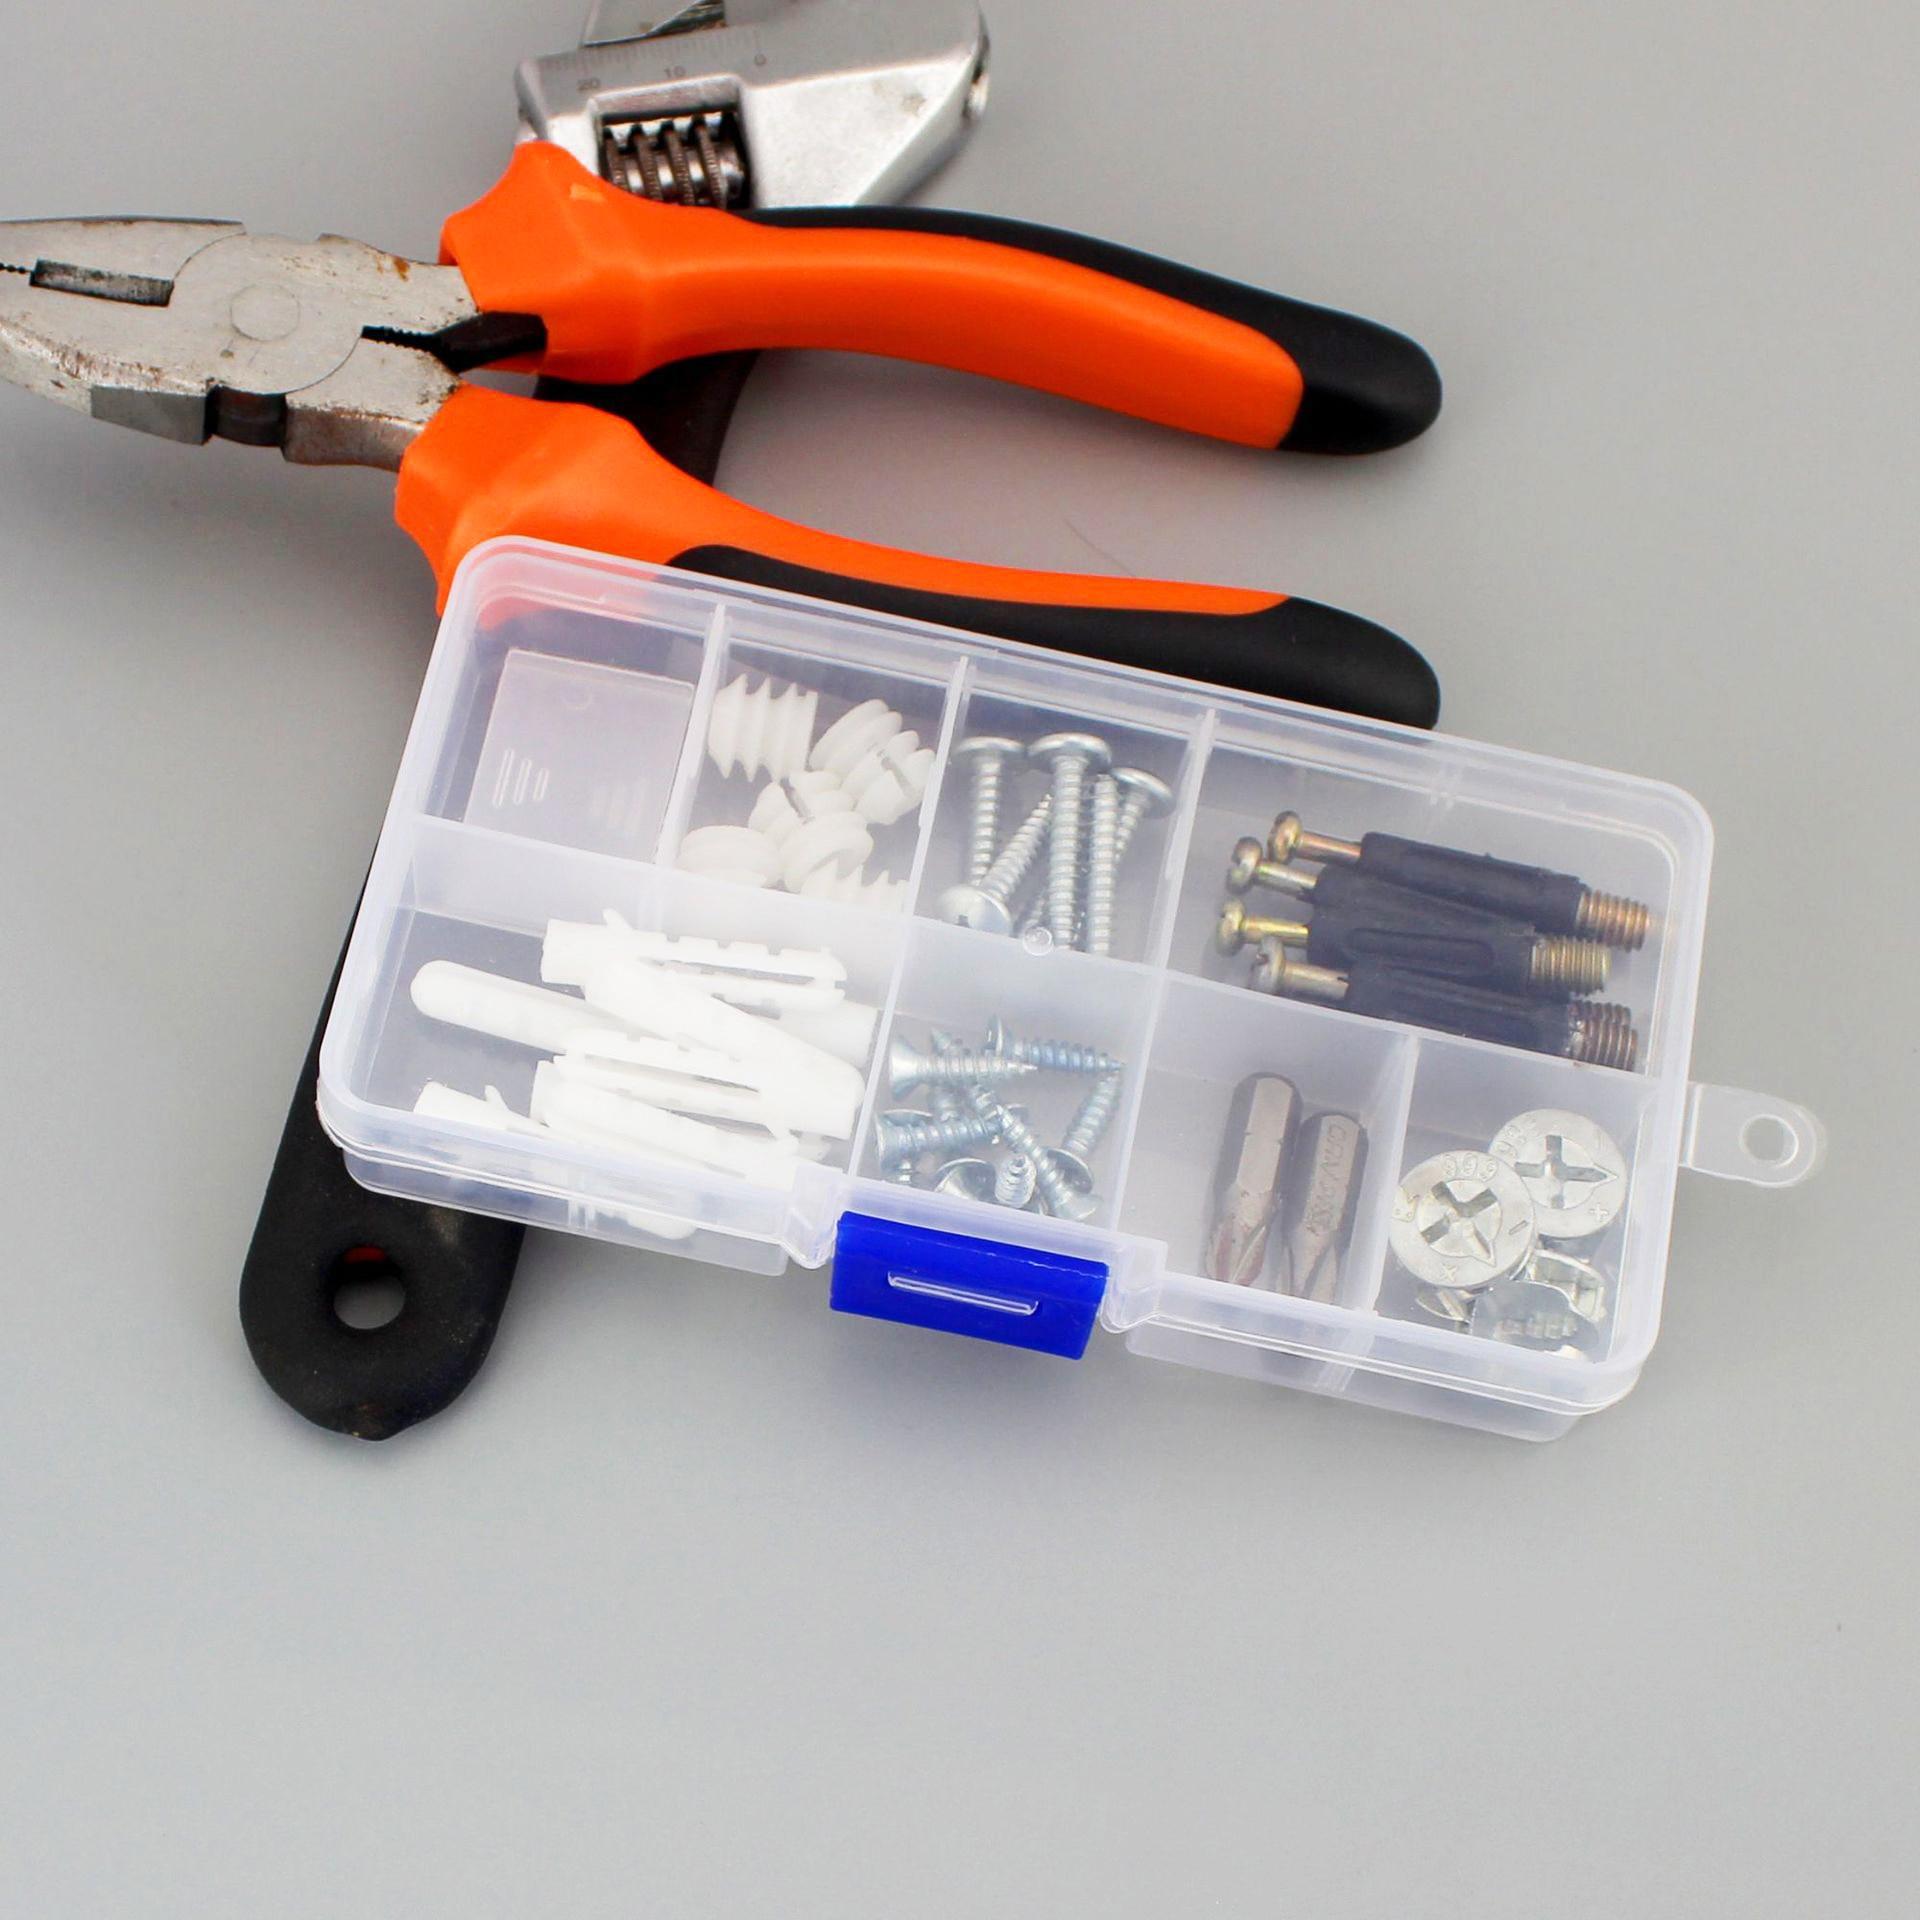 Купить прозрачный пластиковый органайзер для драгоценностей с 10 отделениями